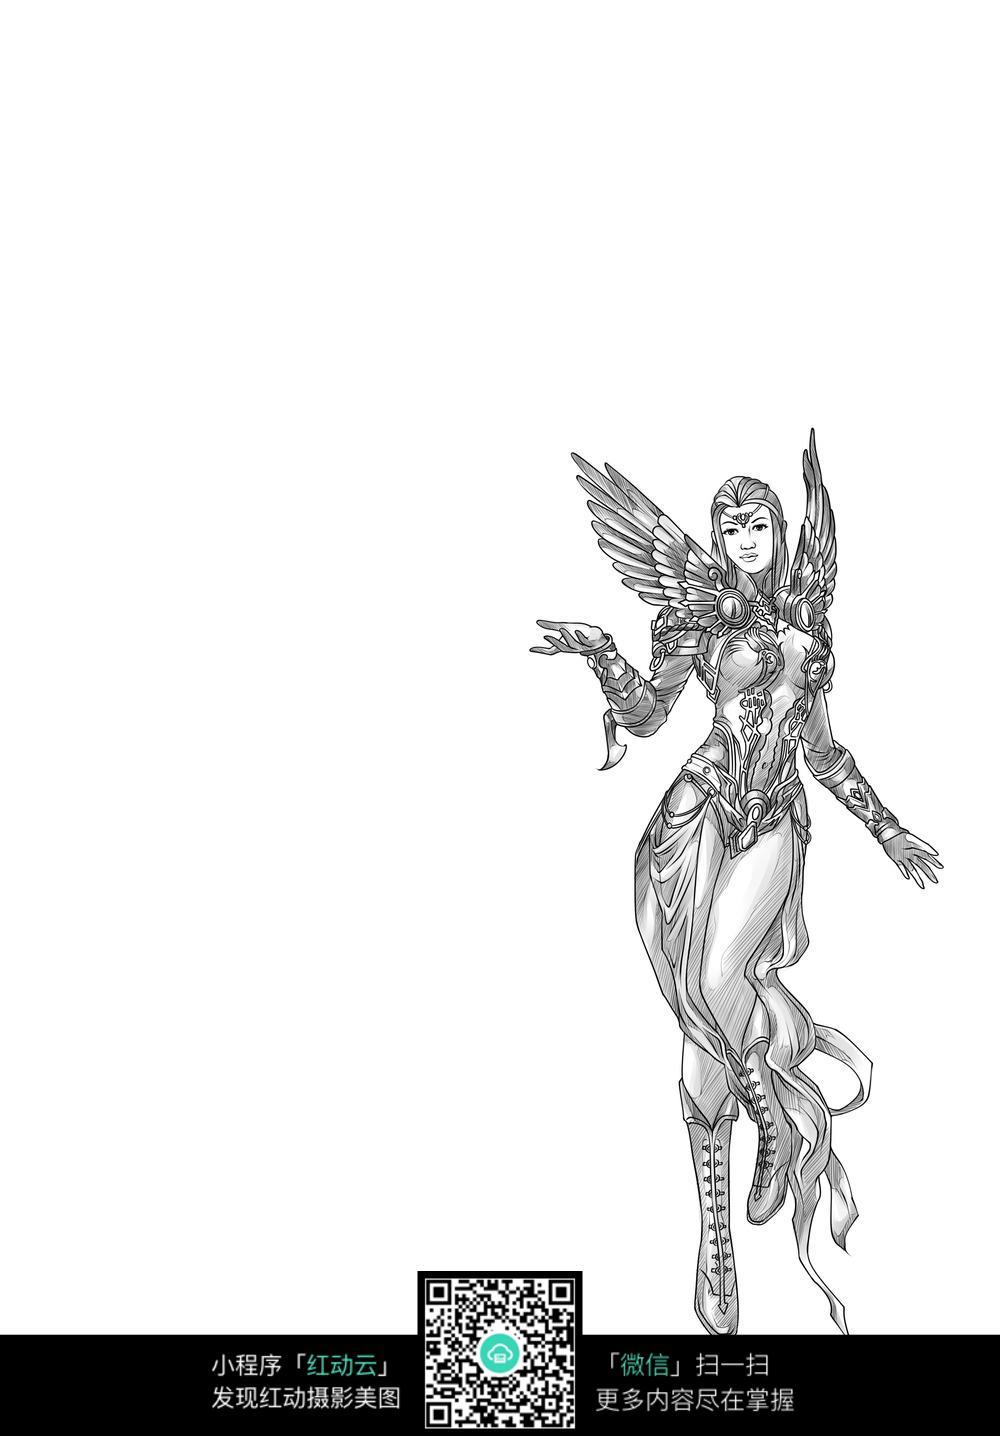 翅膀女子卡通手绘线稿图片